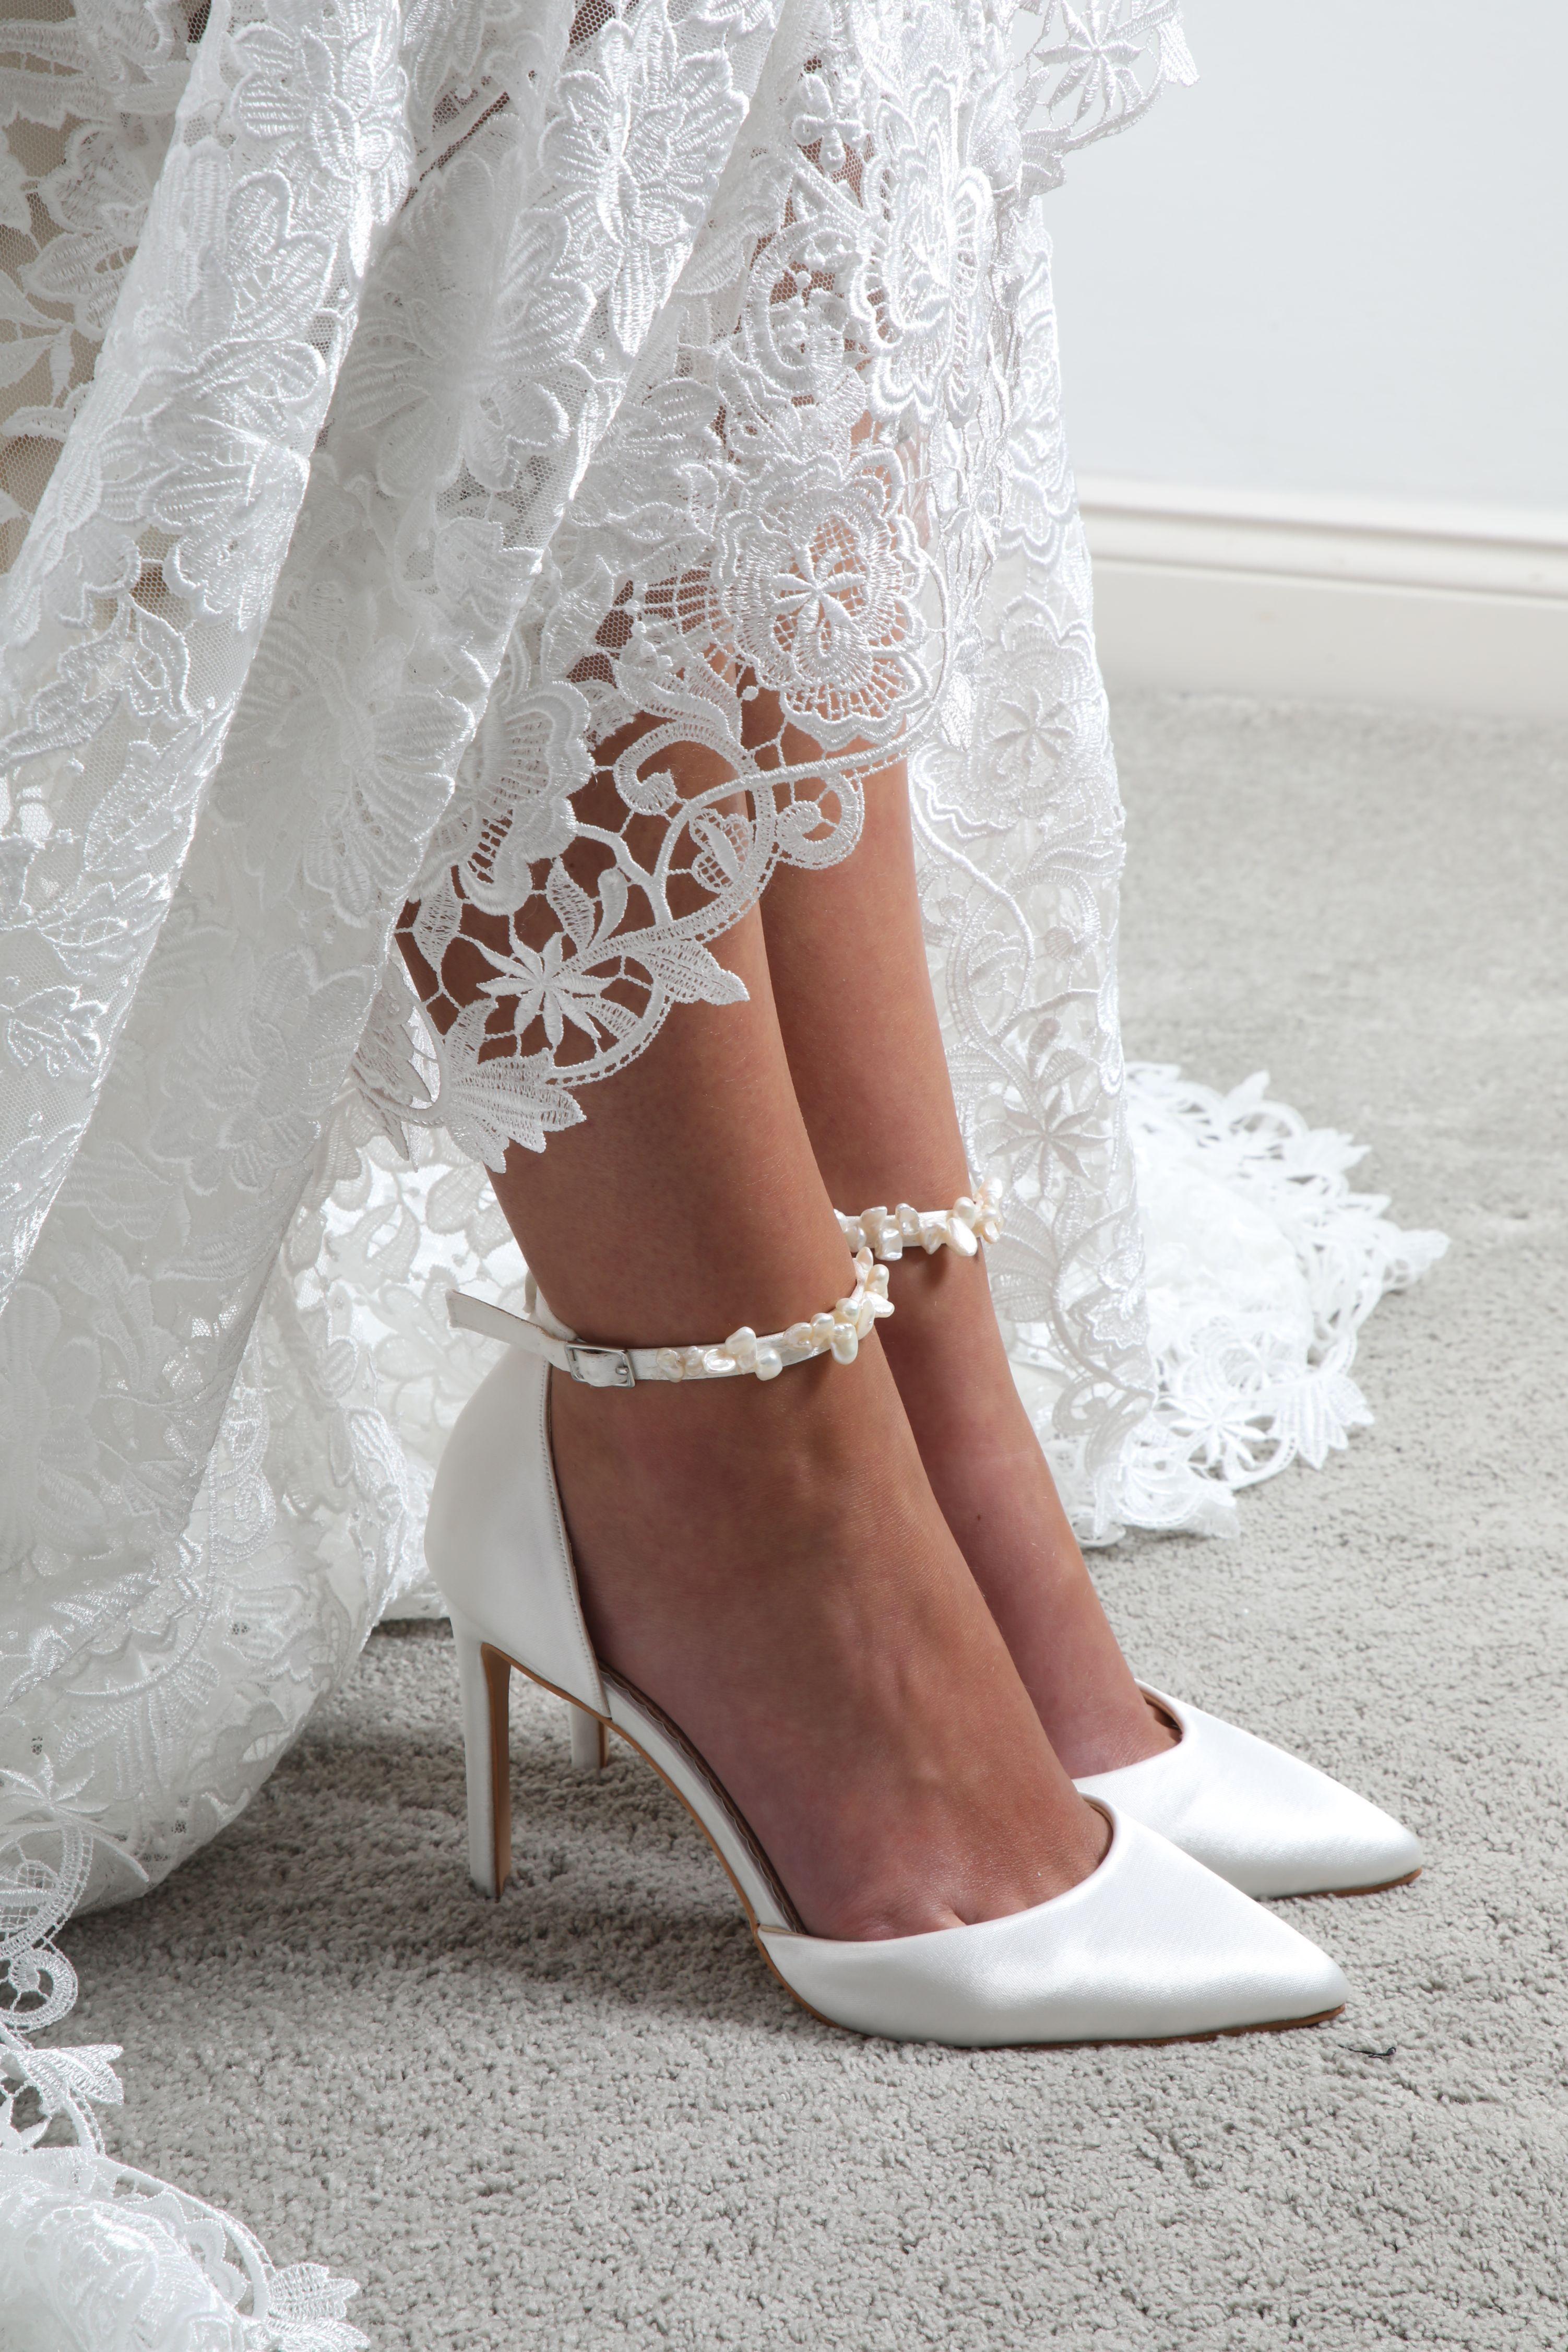 23+ White satin wedding pumps ideas in 2021